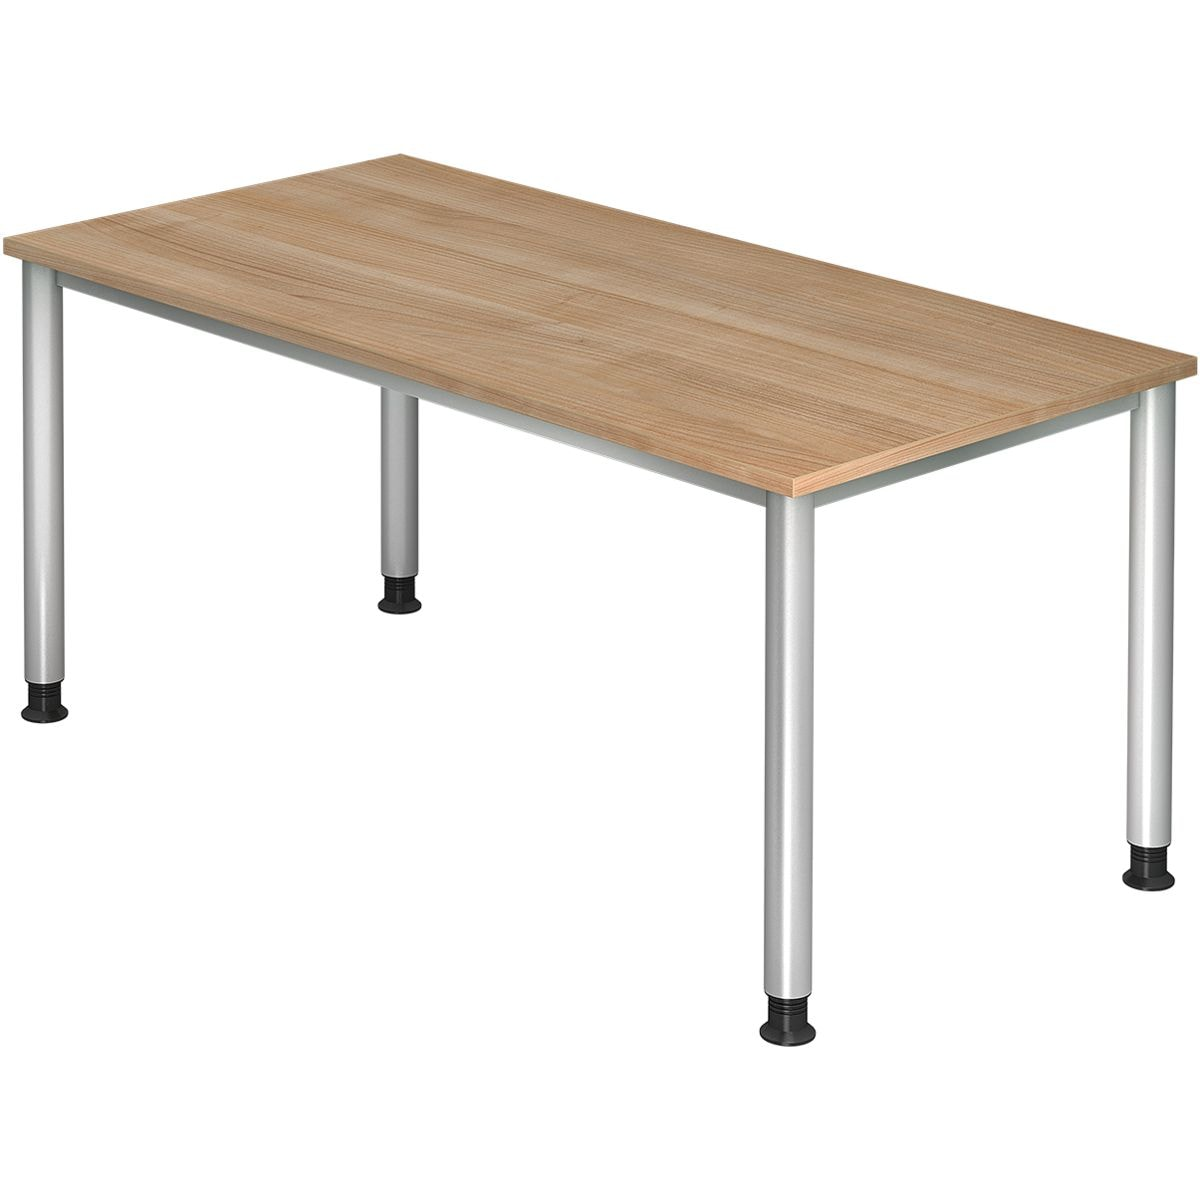 otto office premium schreibtisch otto office line iv 160 cm 4 fu silber bei otto office. Black Bedroom Furniture Sets. Home Design Ideas